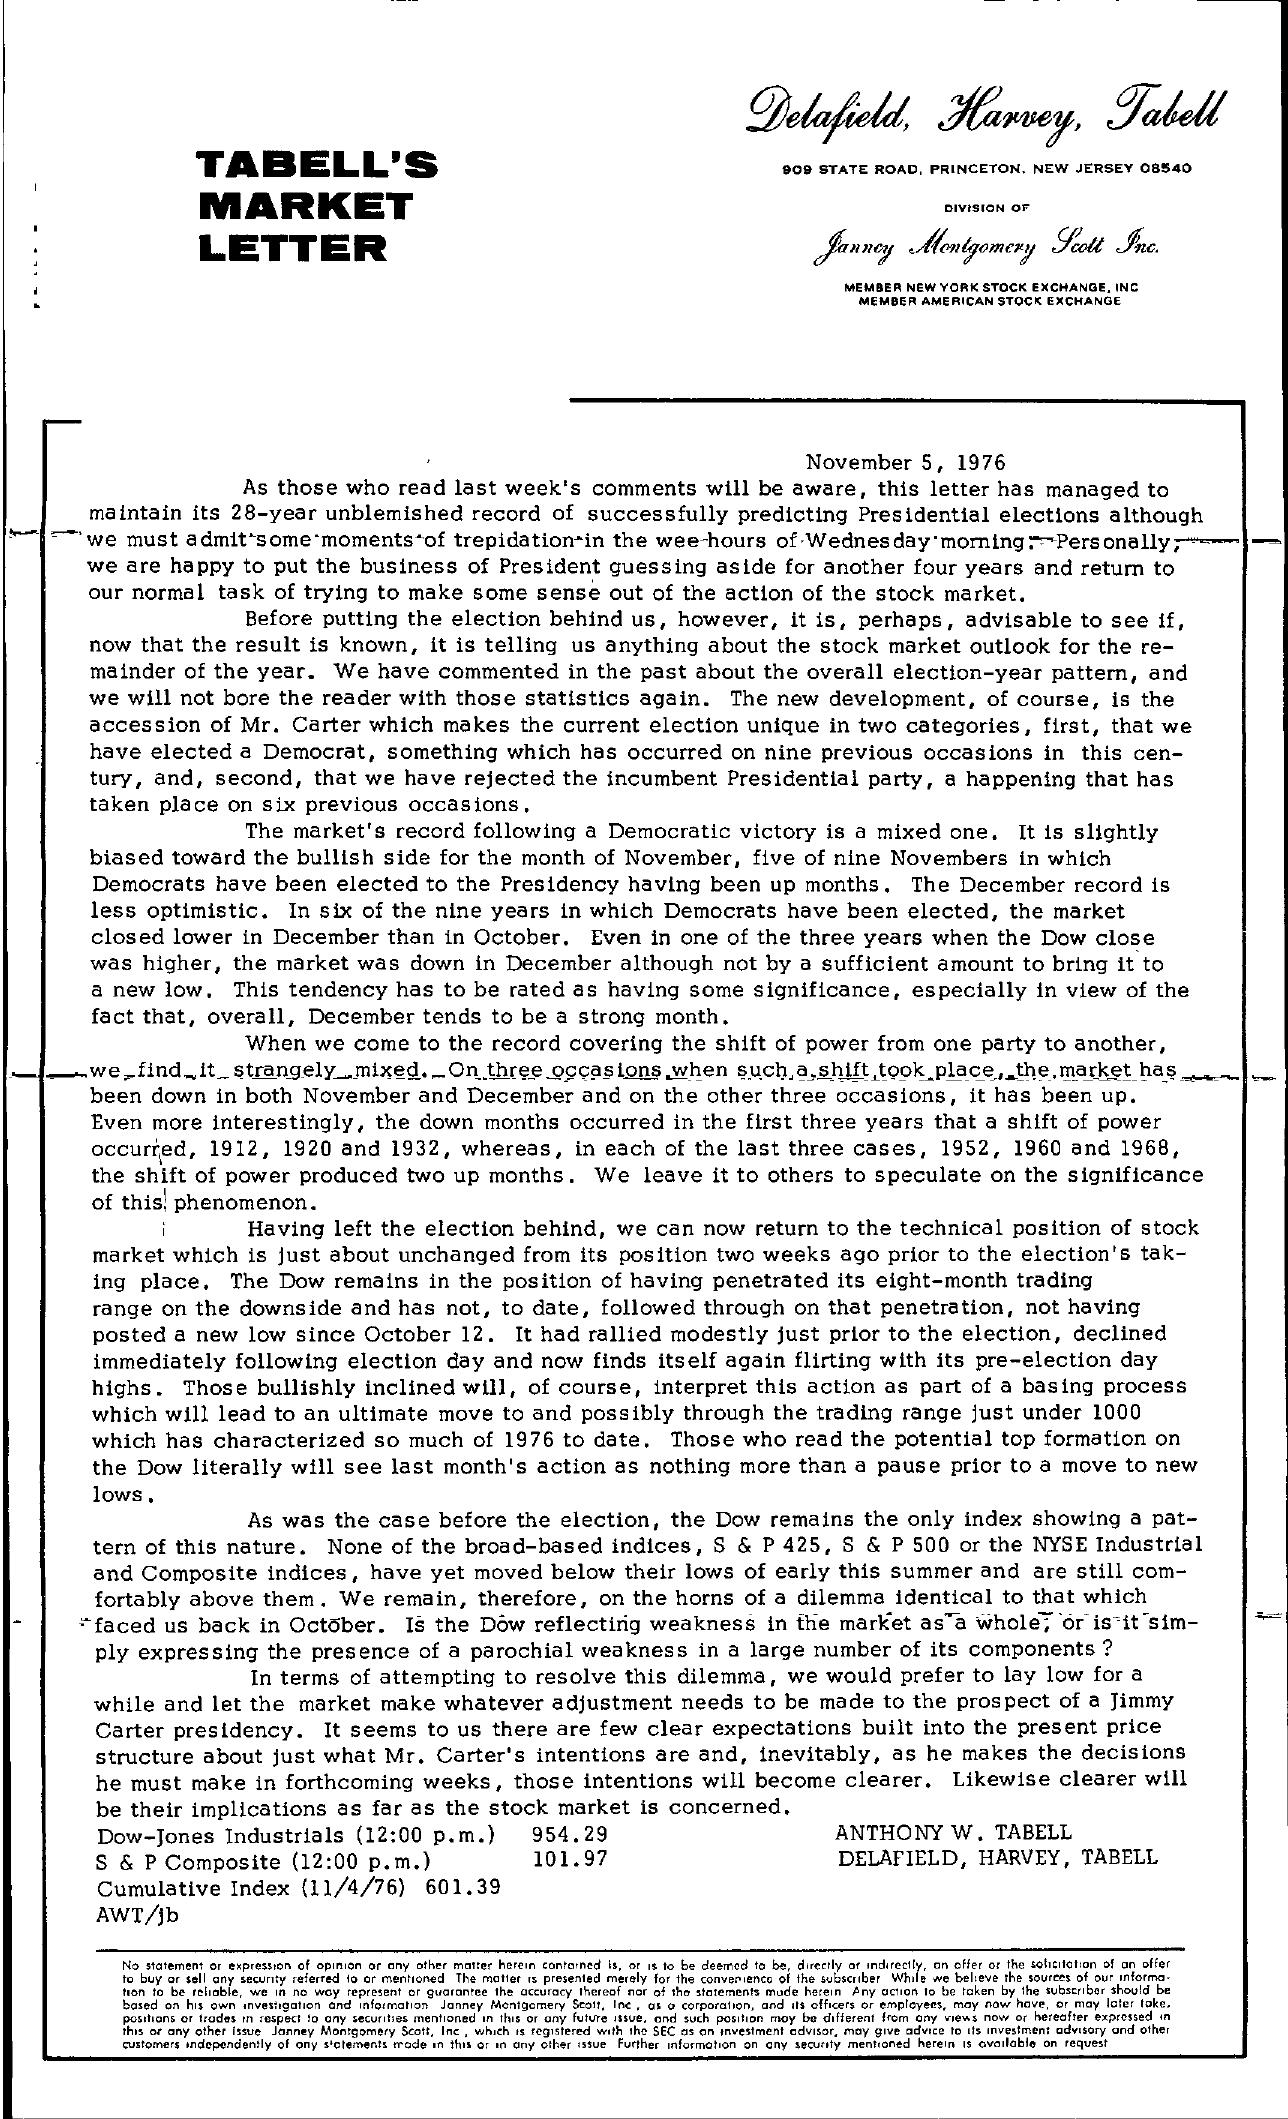 Tabell's Market Letter - November 05, 1976